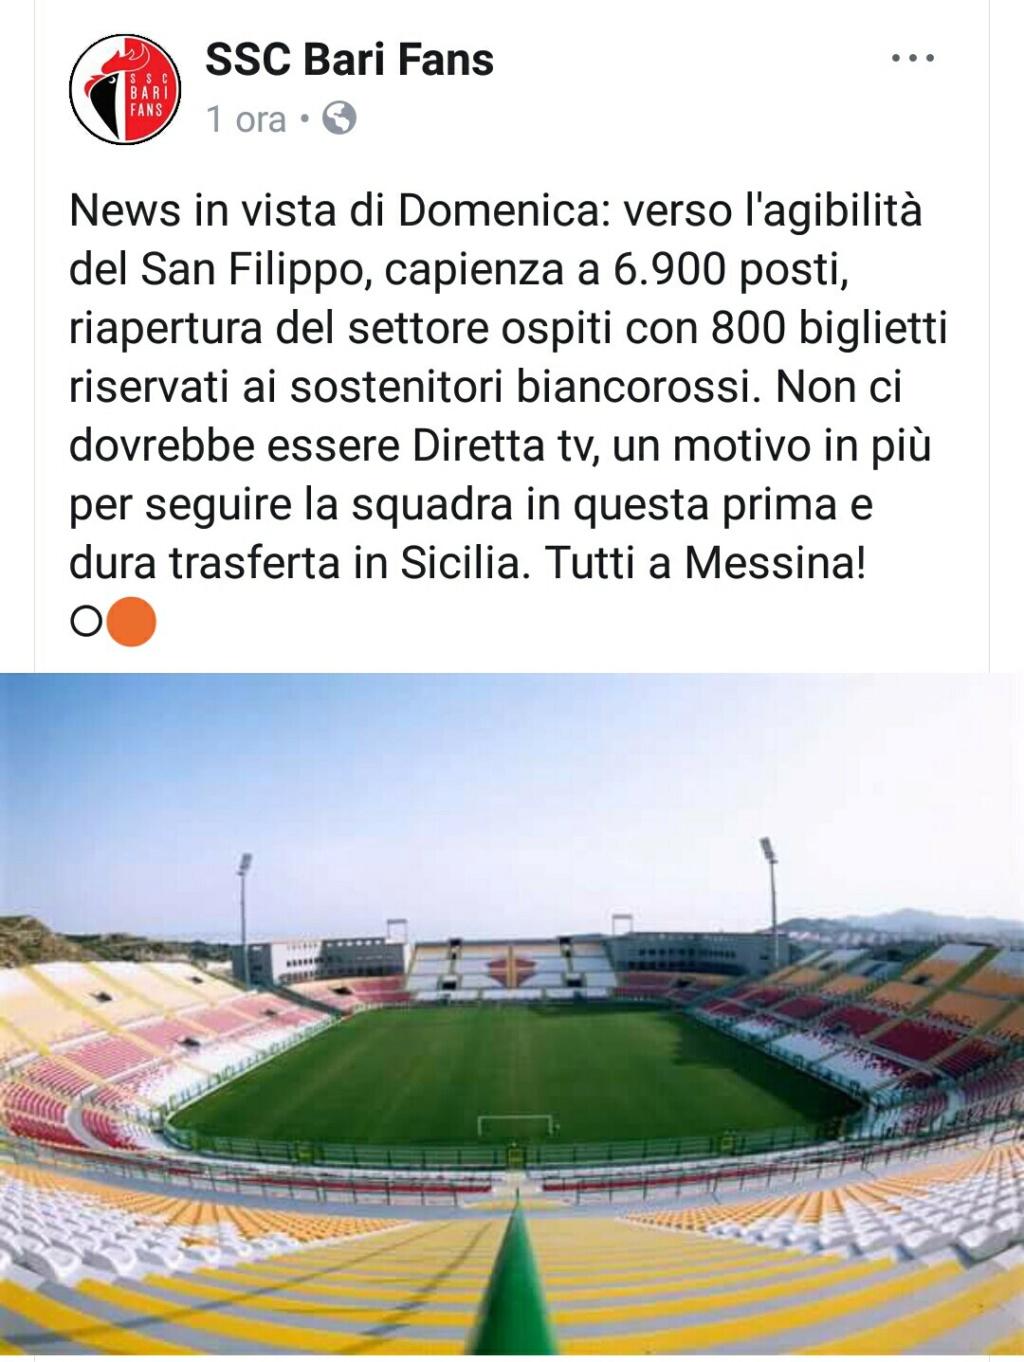 Niente trasferta  per i tifosi a Messina ? Screen11